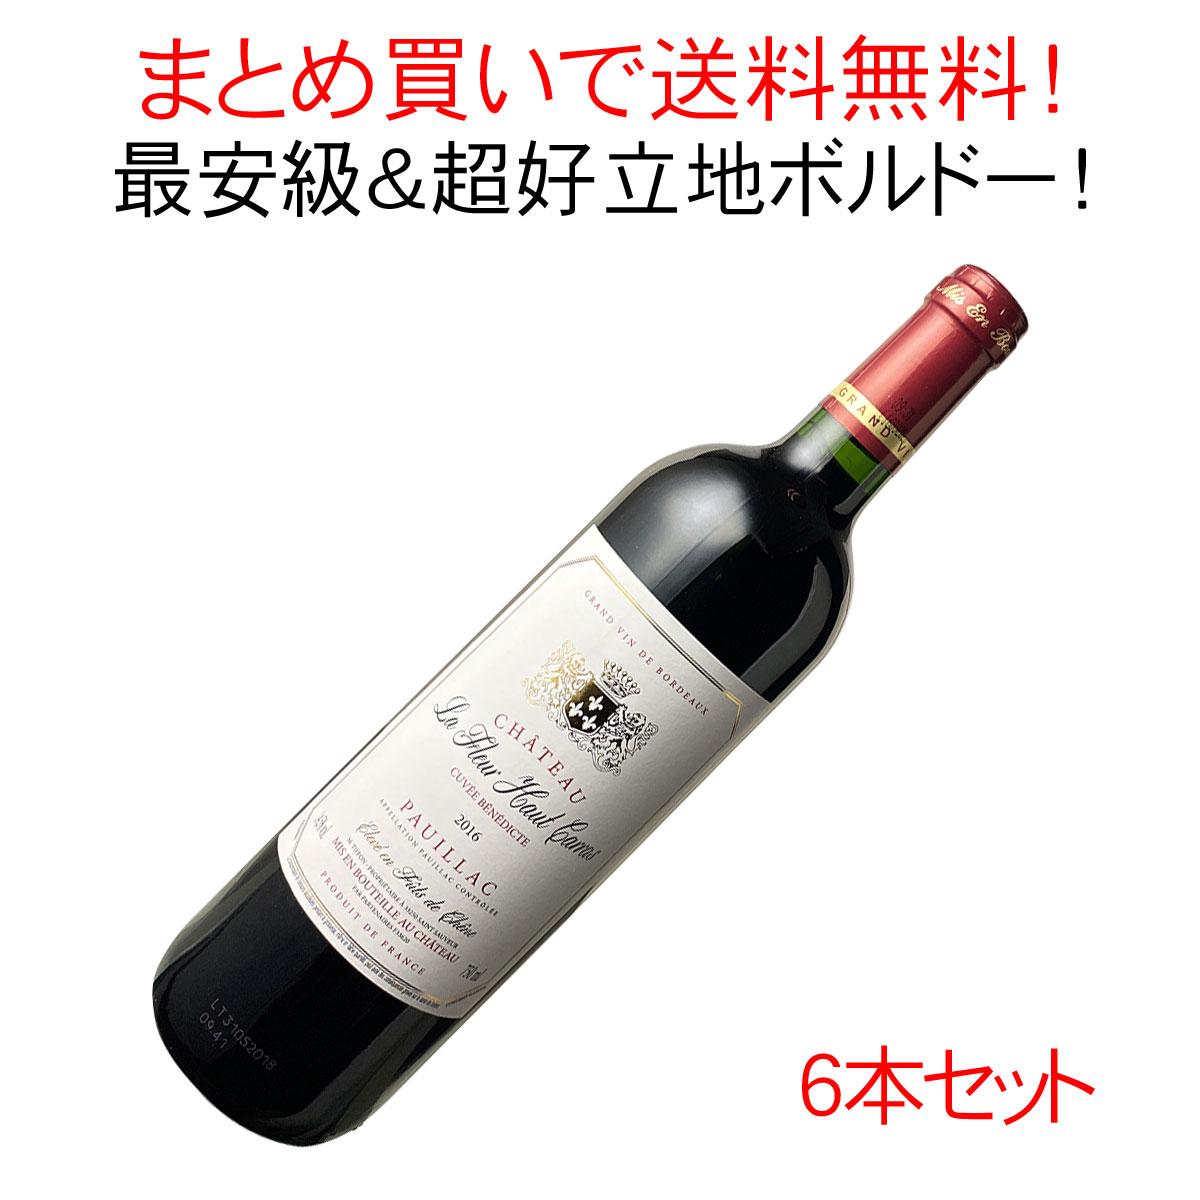 【送料無料】シャトー・ラ・フルール・オー・カラ [2016] 1ケース6本セット <ワイン/ボルドー>